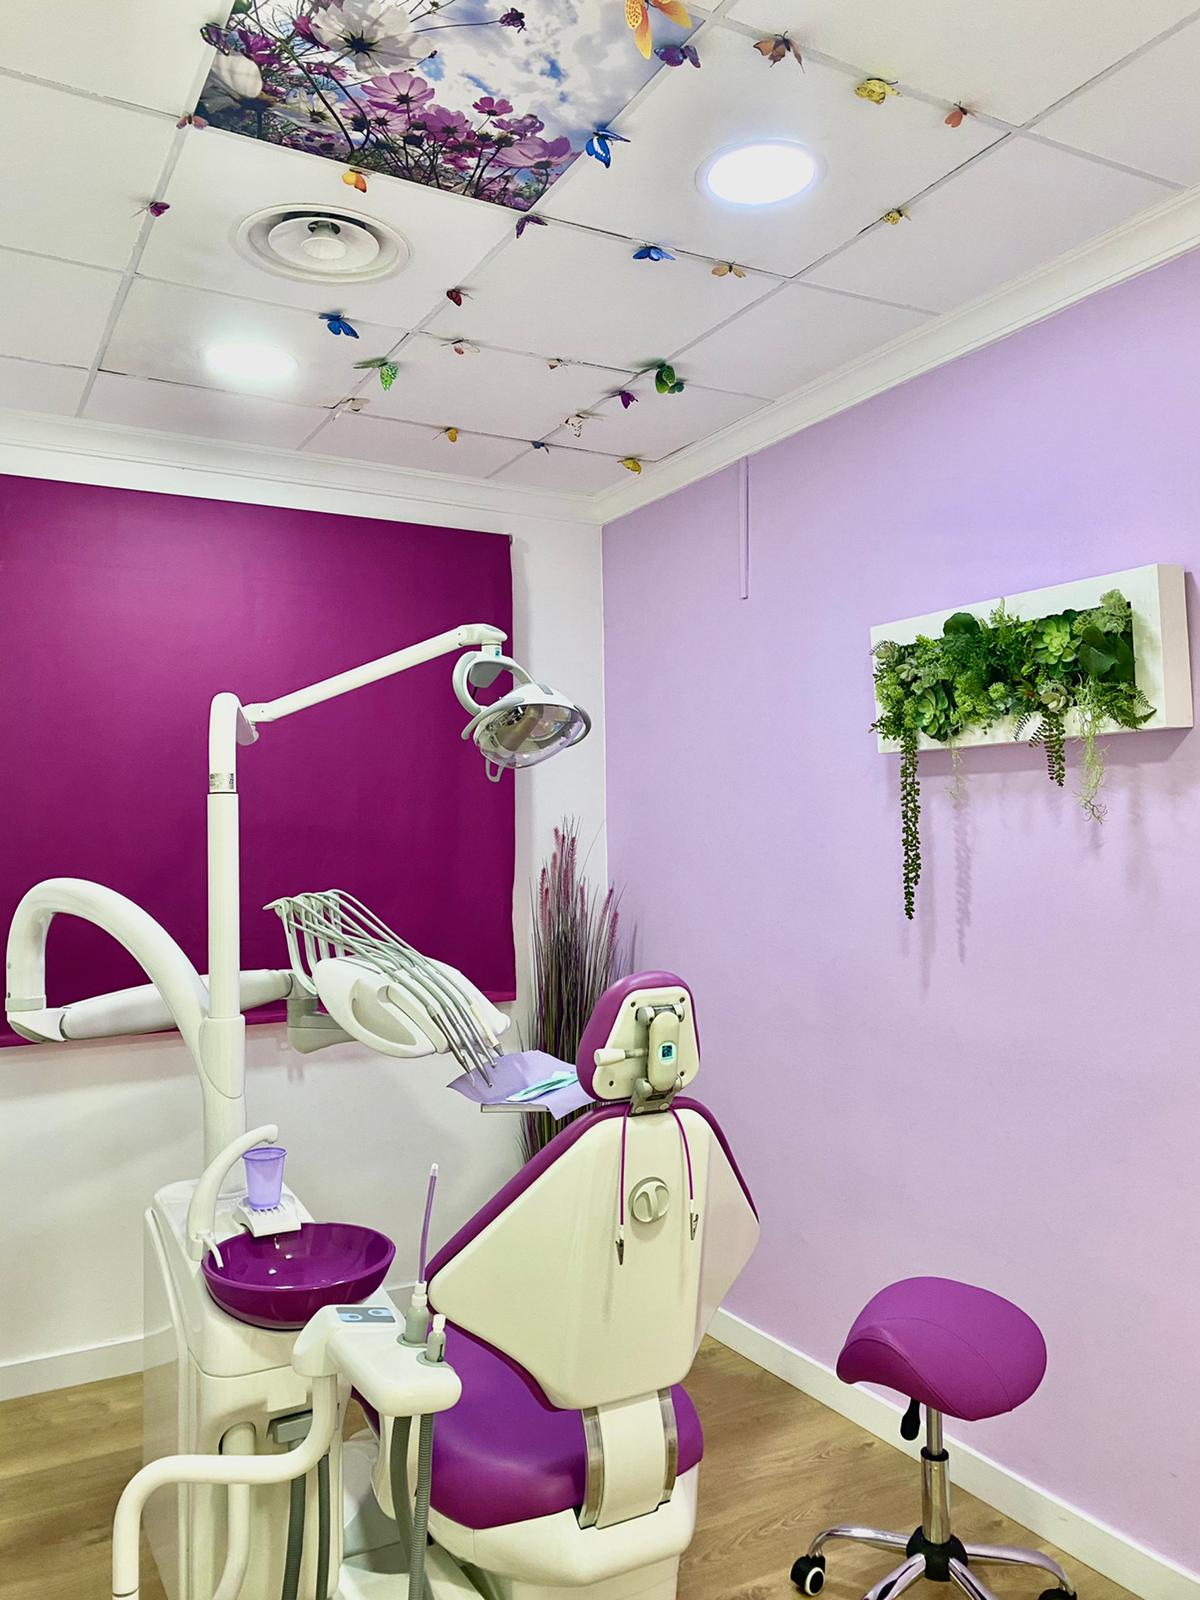 Clínica dental Los ramos